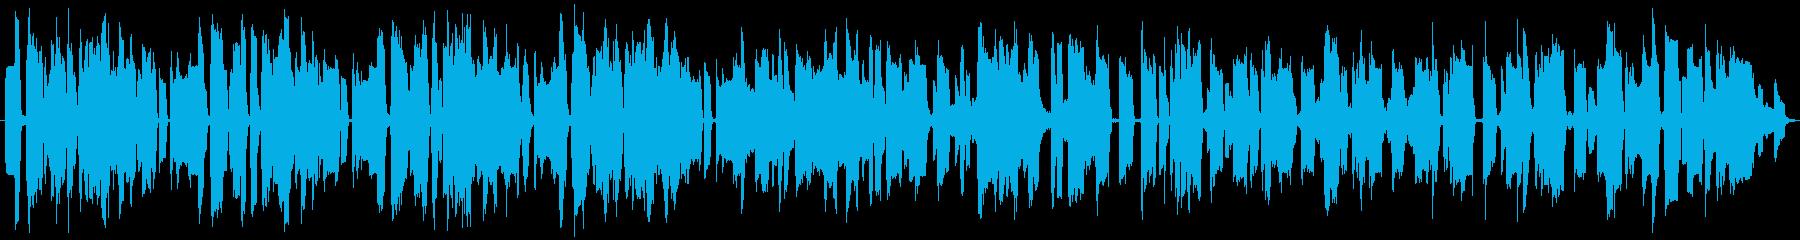 本物サックスで明るいゲーム音楽のような曲の再生済みの波形